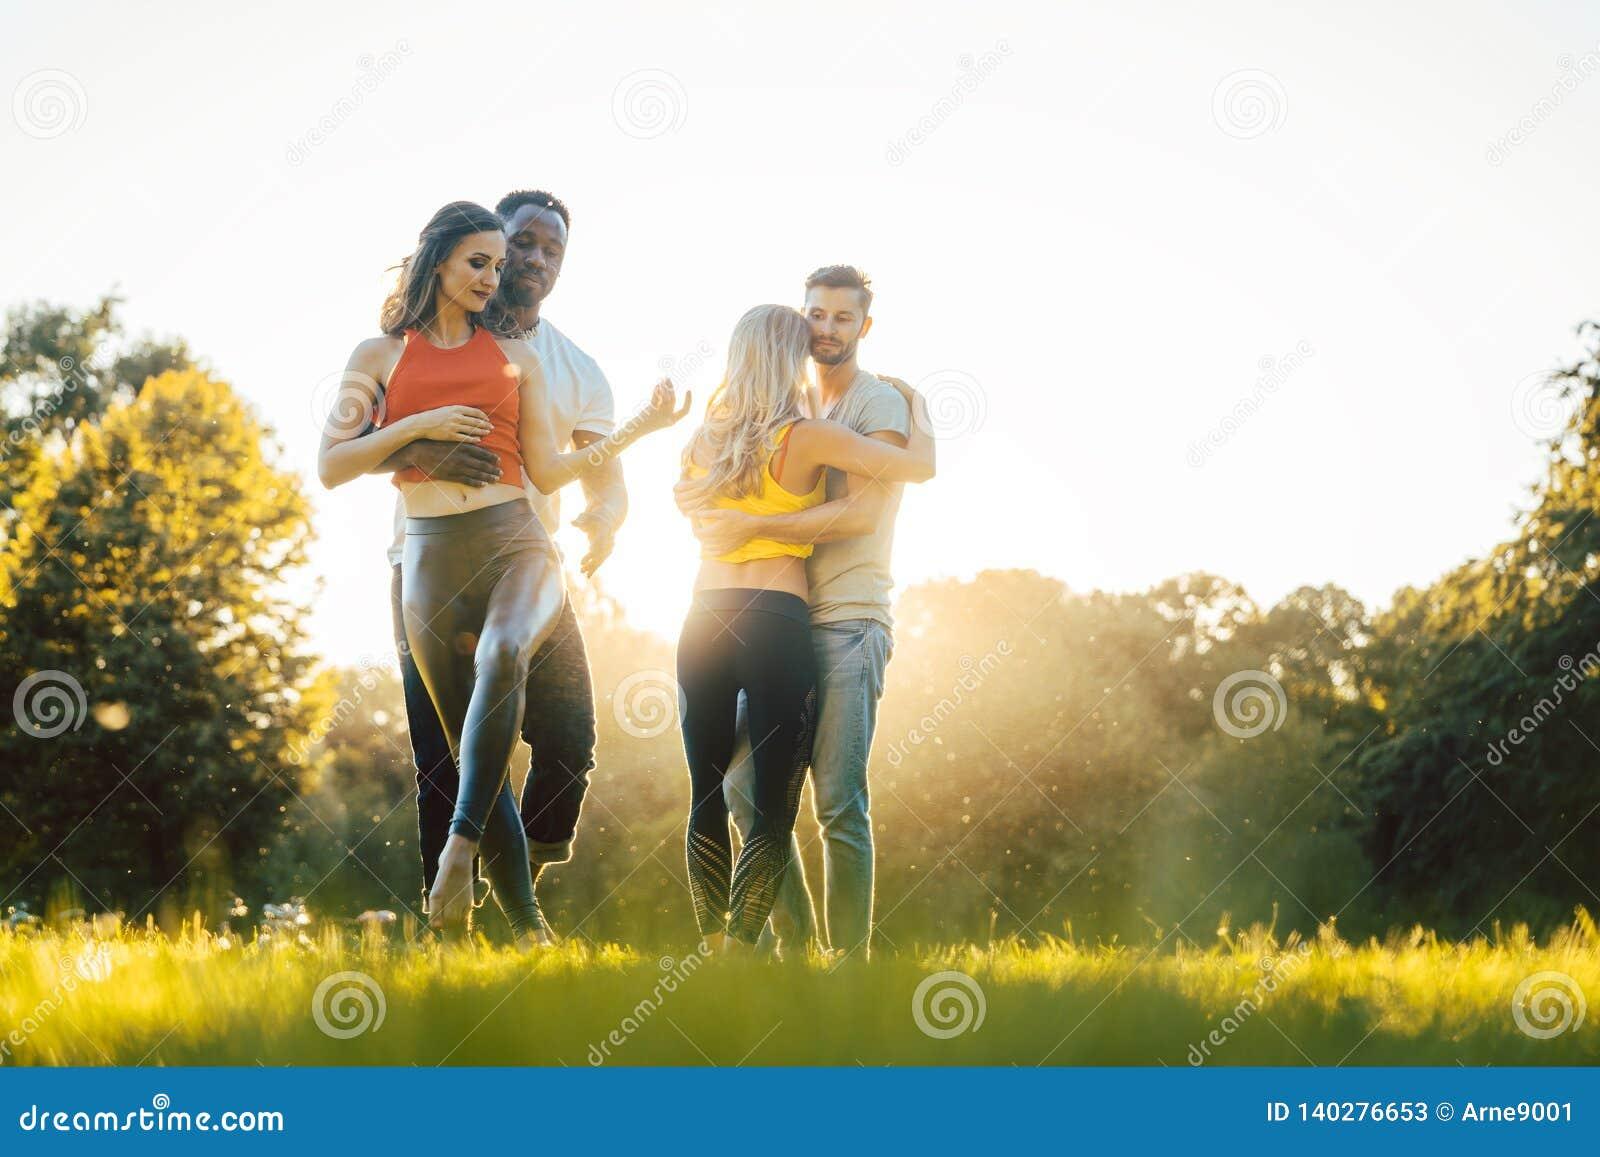 Women and men having fun dancing in the park